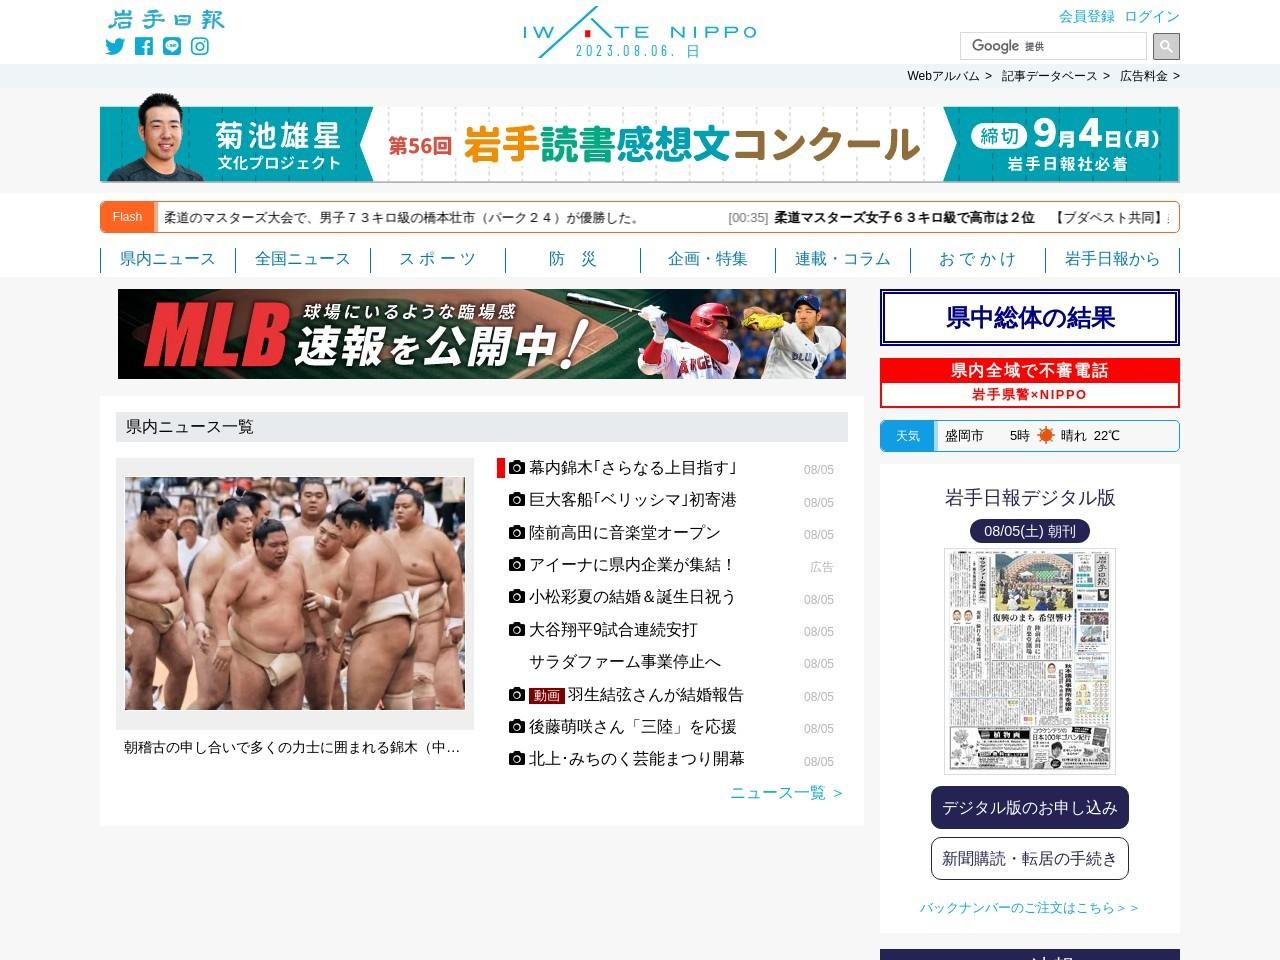 8/5付週間シングルランキング1位はSKE48の「FRUSTRATION」